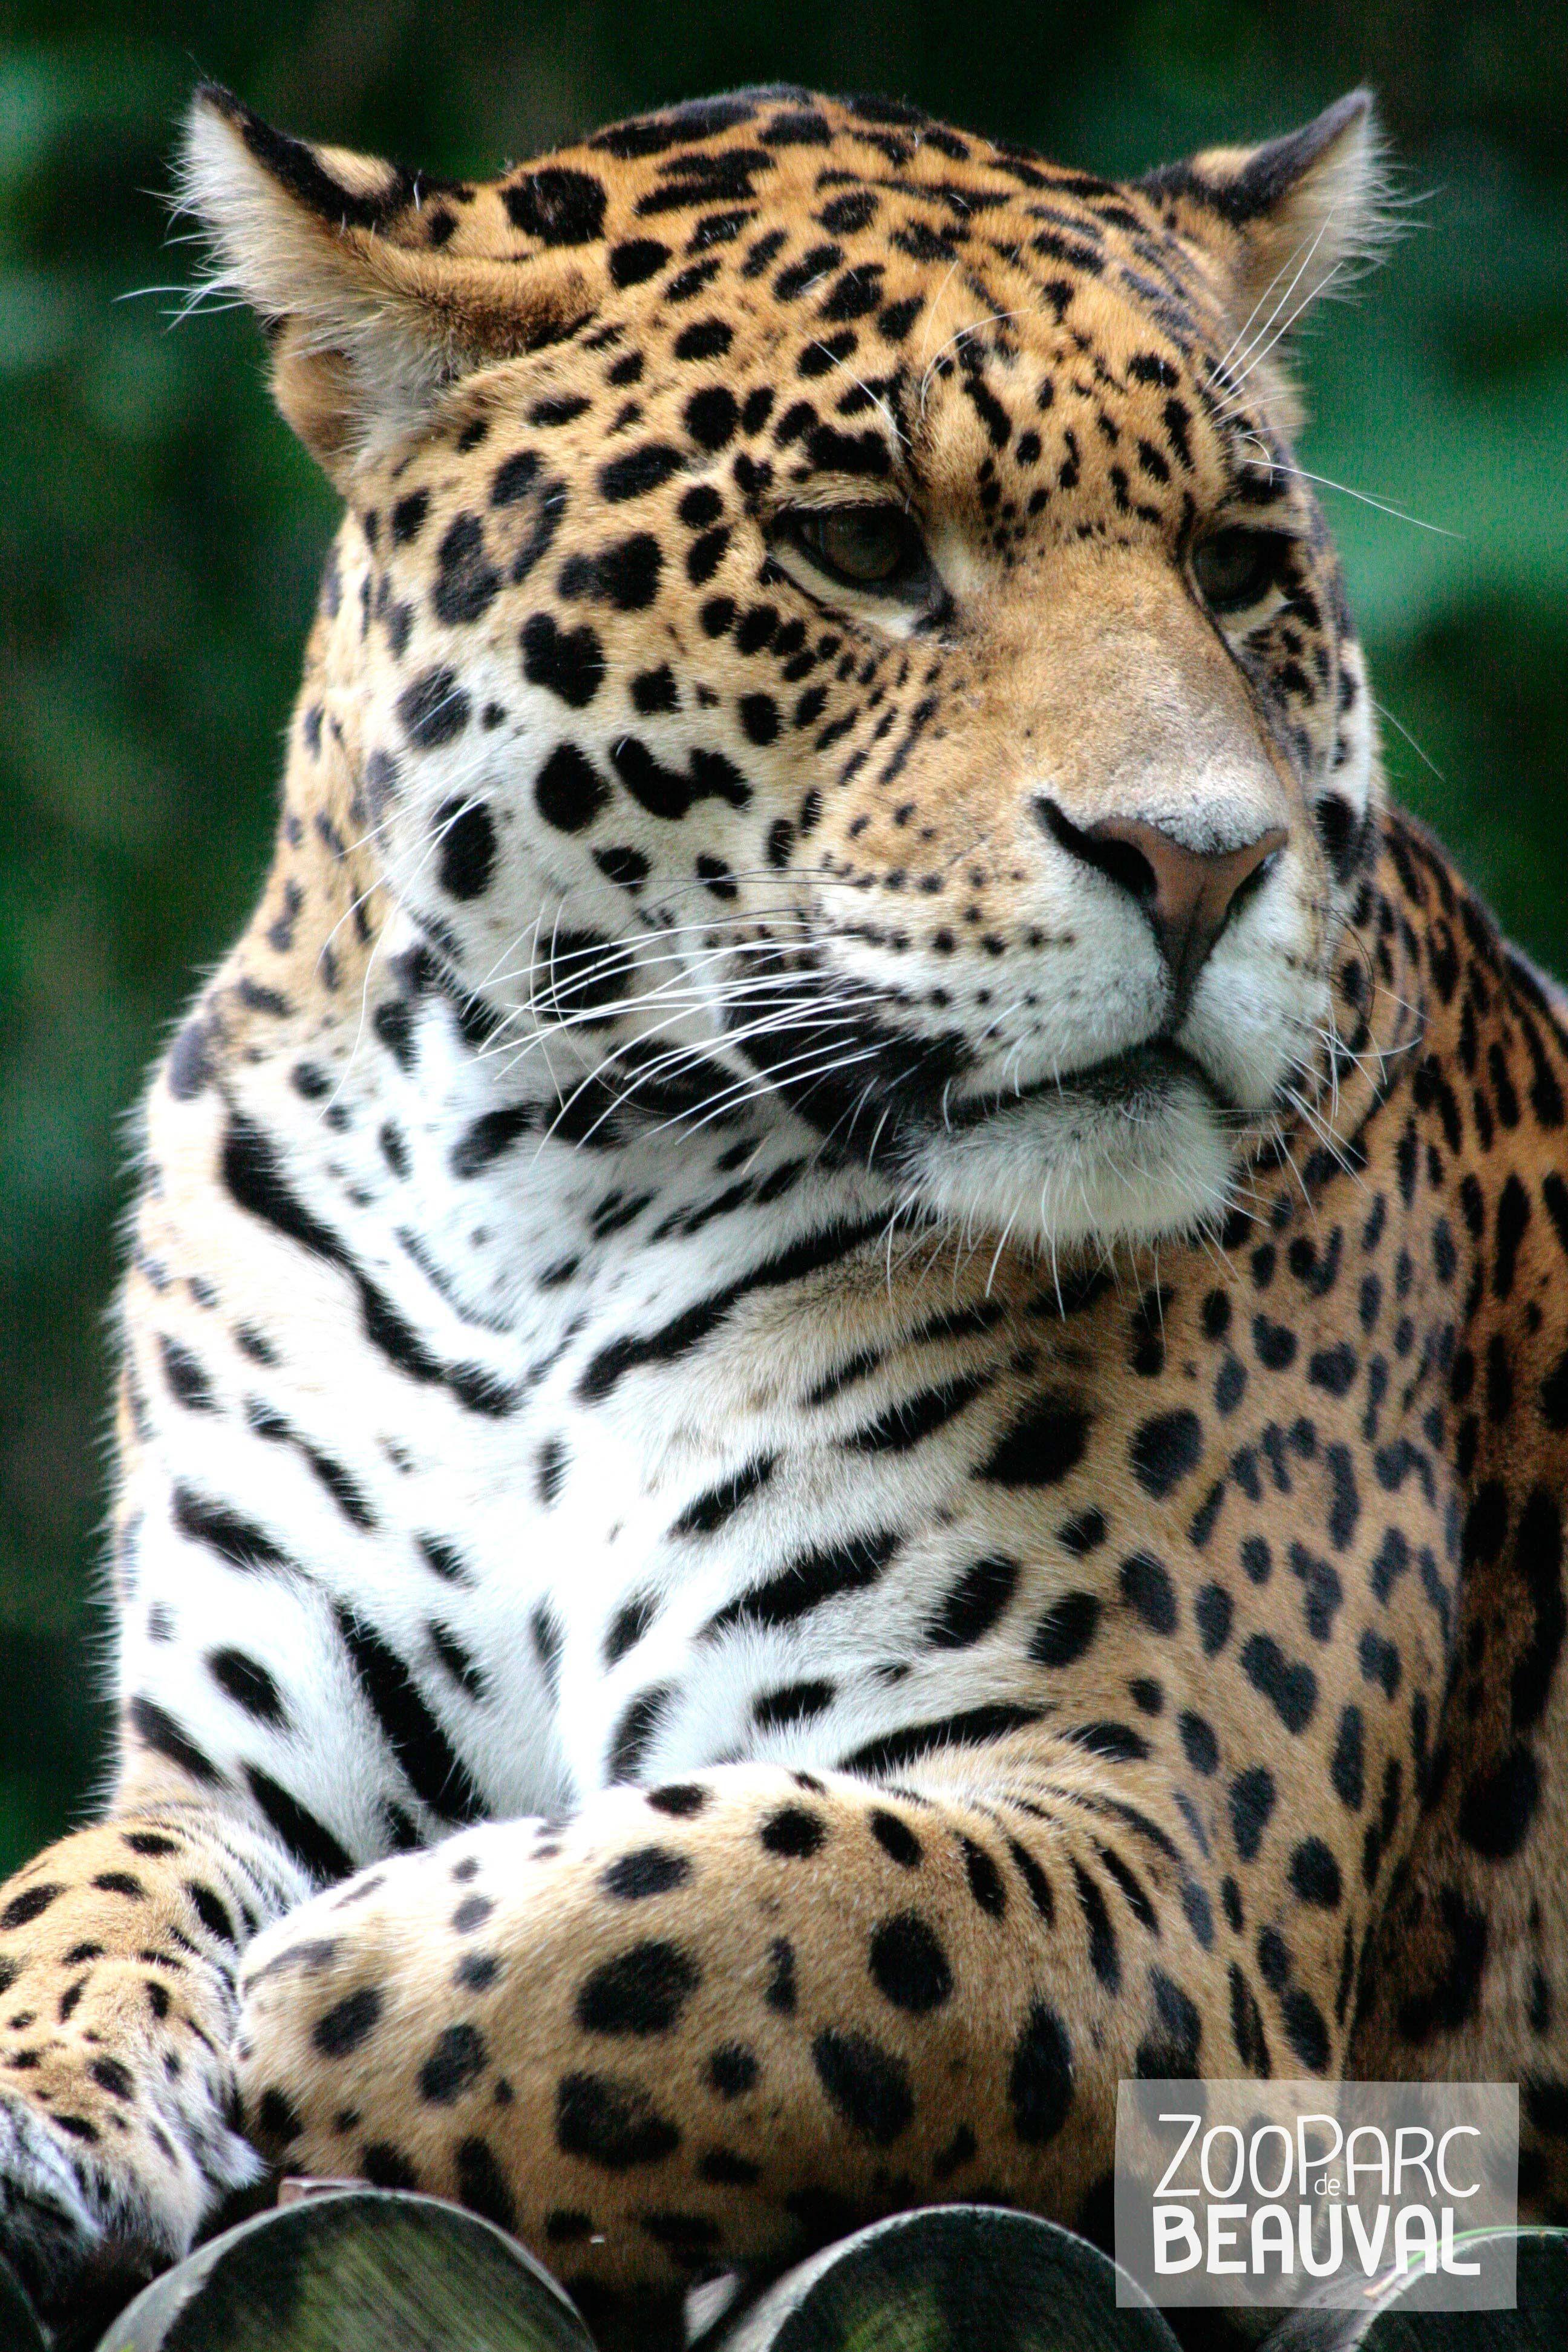 Le jaguar, présenté à Beauval, est souvent confondu avec la panthère, mais ces deux espèces sont originaires de continents différents. L'Amérique du Sud pour le jaguar, l'Afrique et l'Asie pour la panthère.